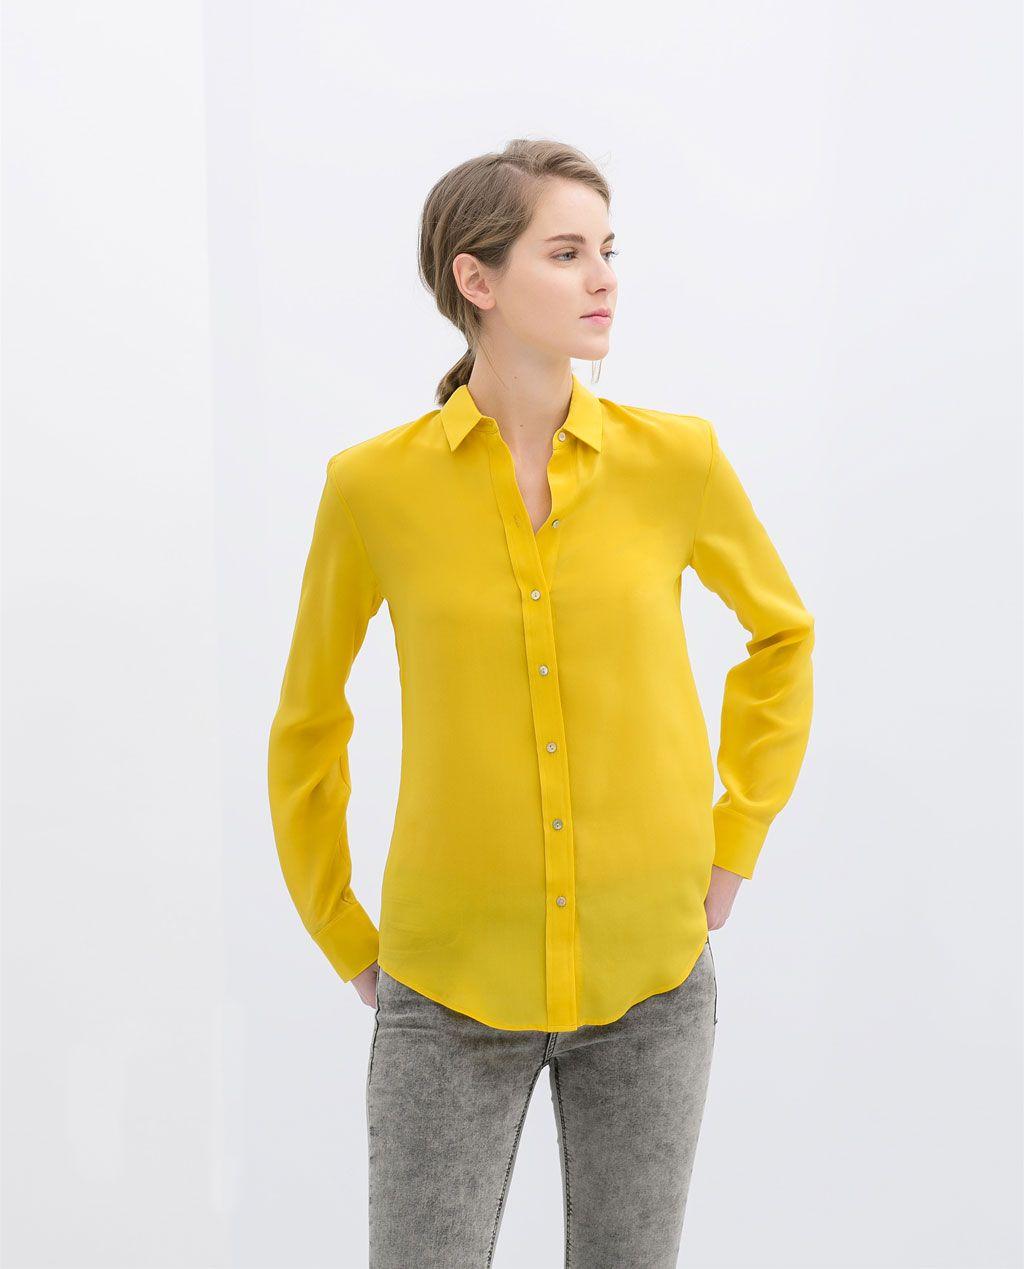 Bilde 1 fra LANGERMET BLUSE fra Zara